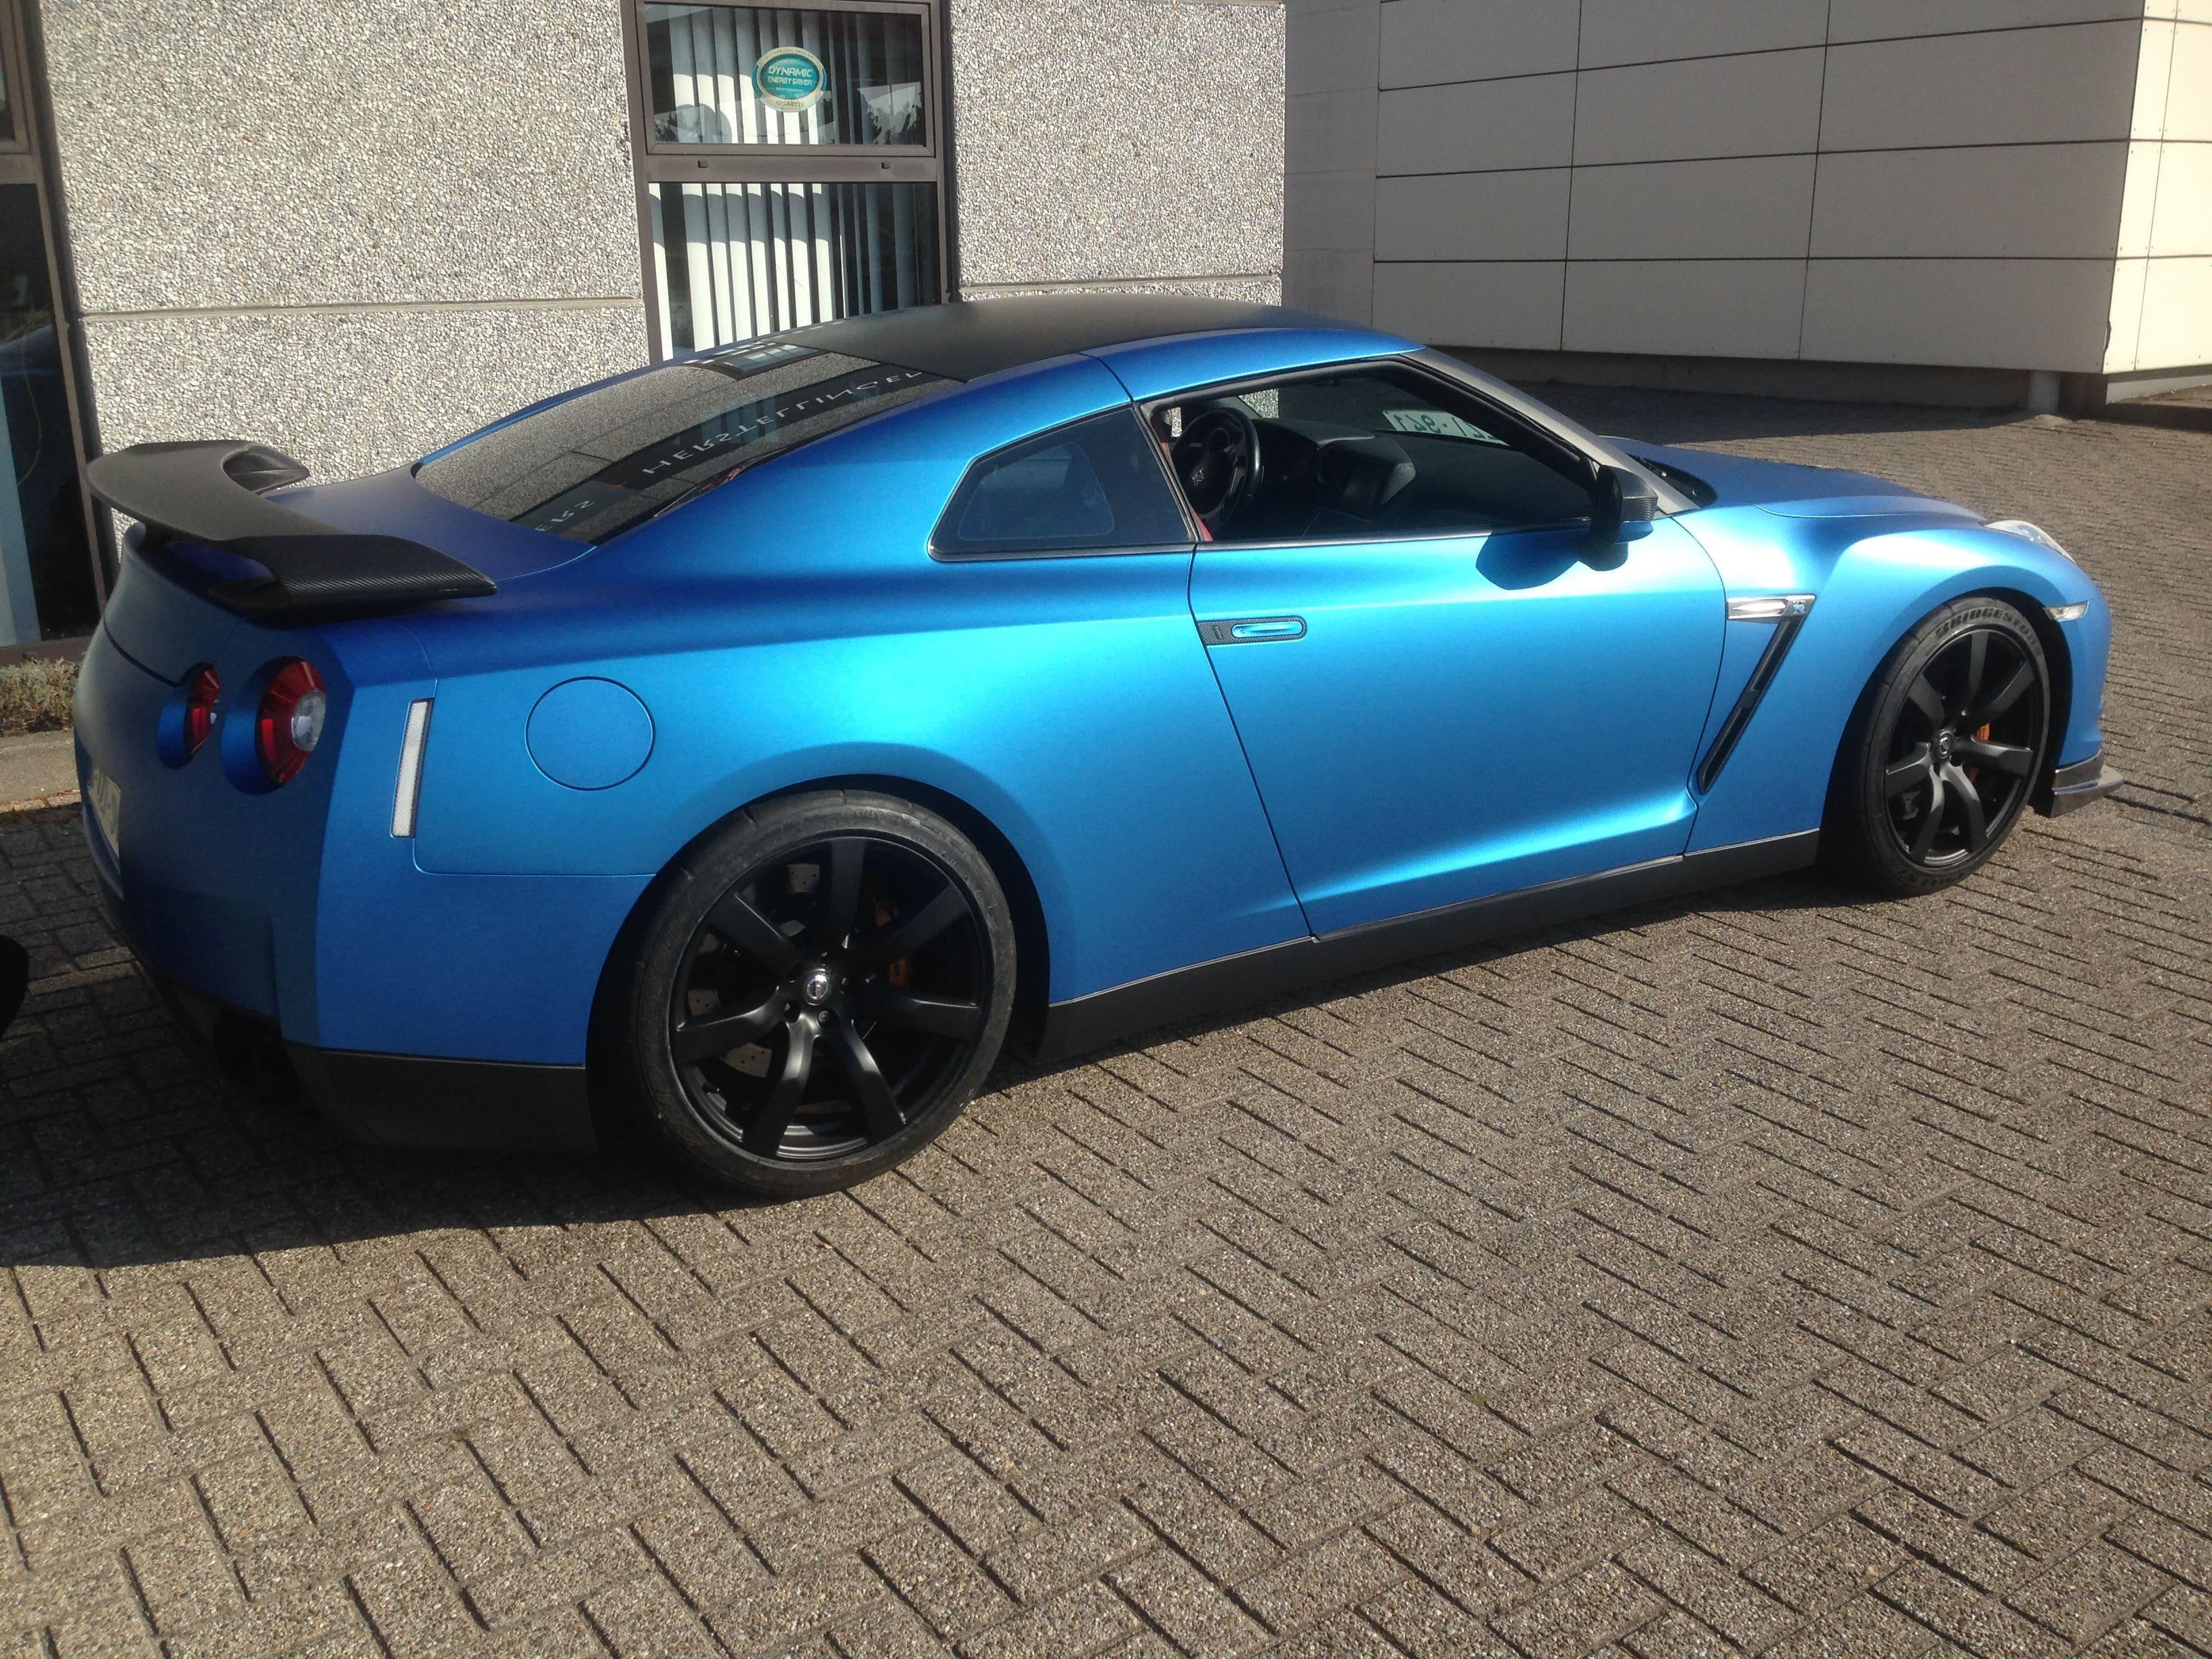 Nissan GT-R in Mat Blauwe Wrap, Carwrapping door Wrapmyride.nu Foto-nr:6536, ©2021